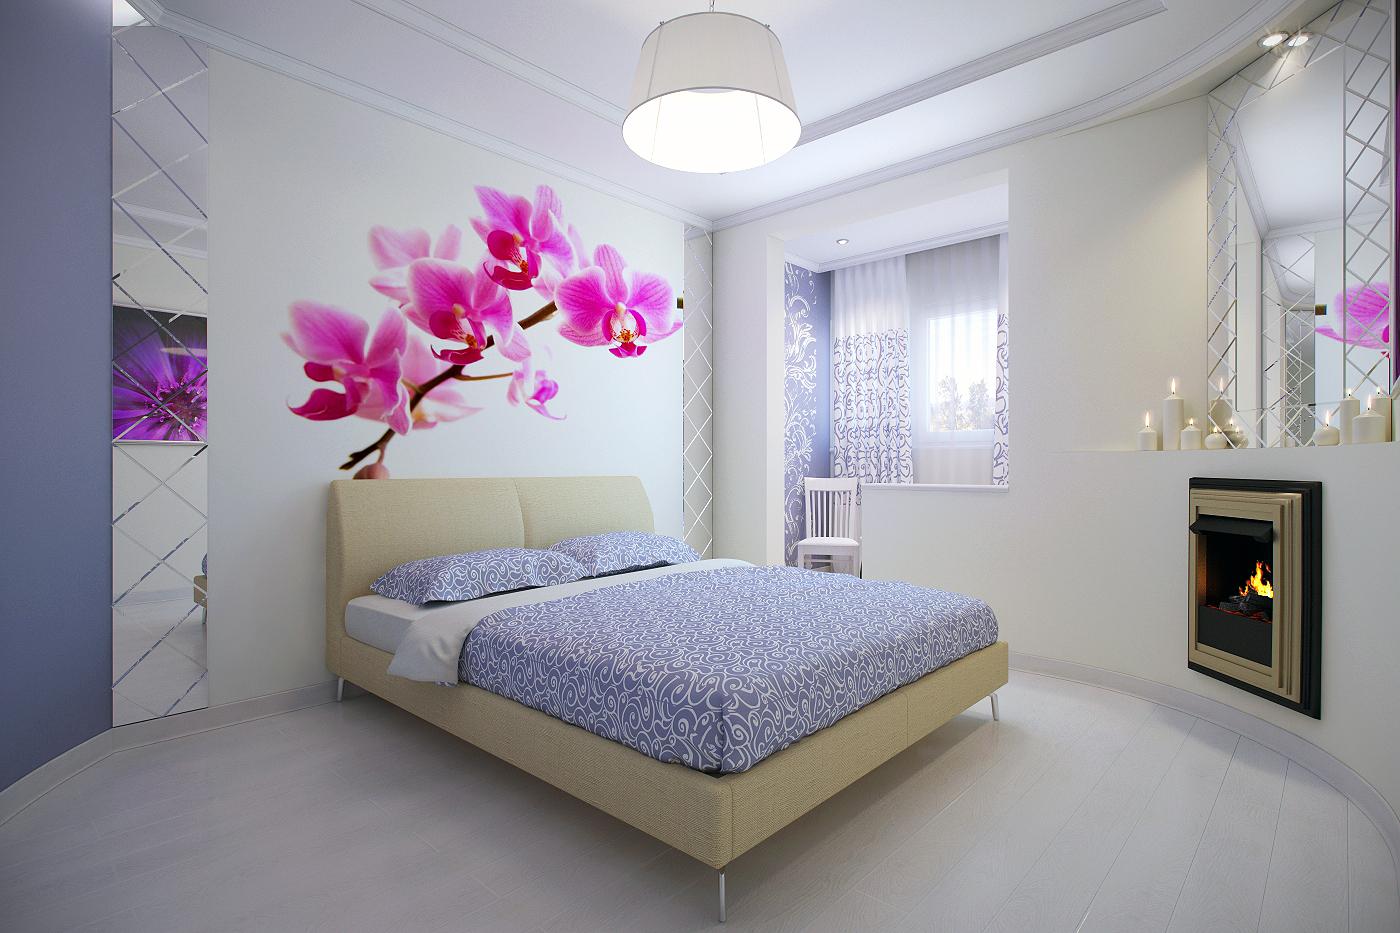 Спальня фото интерьера недорого